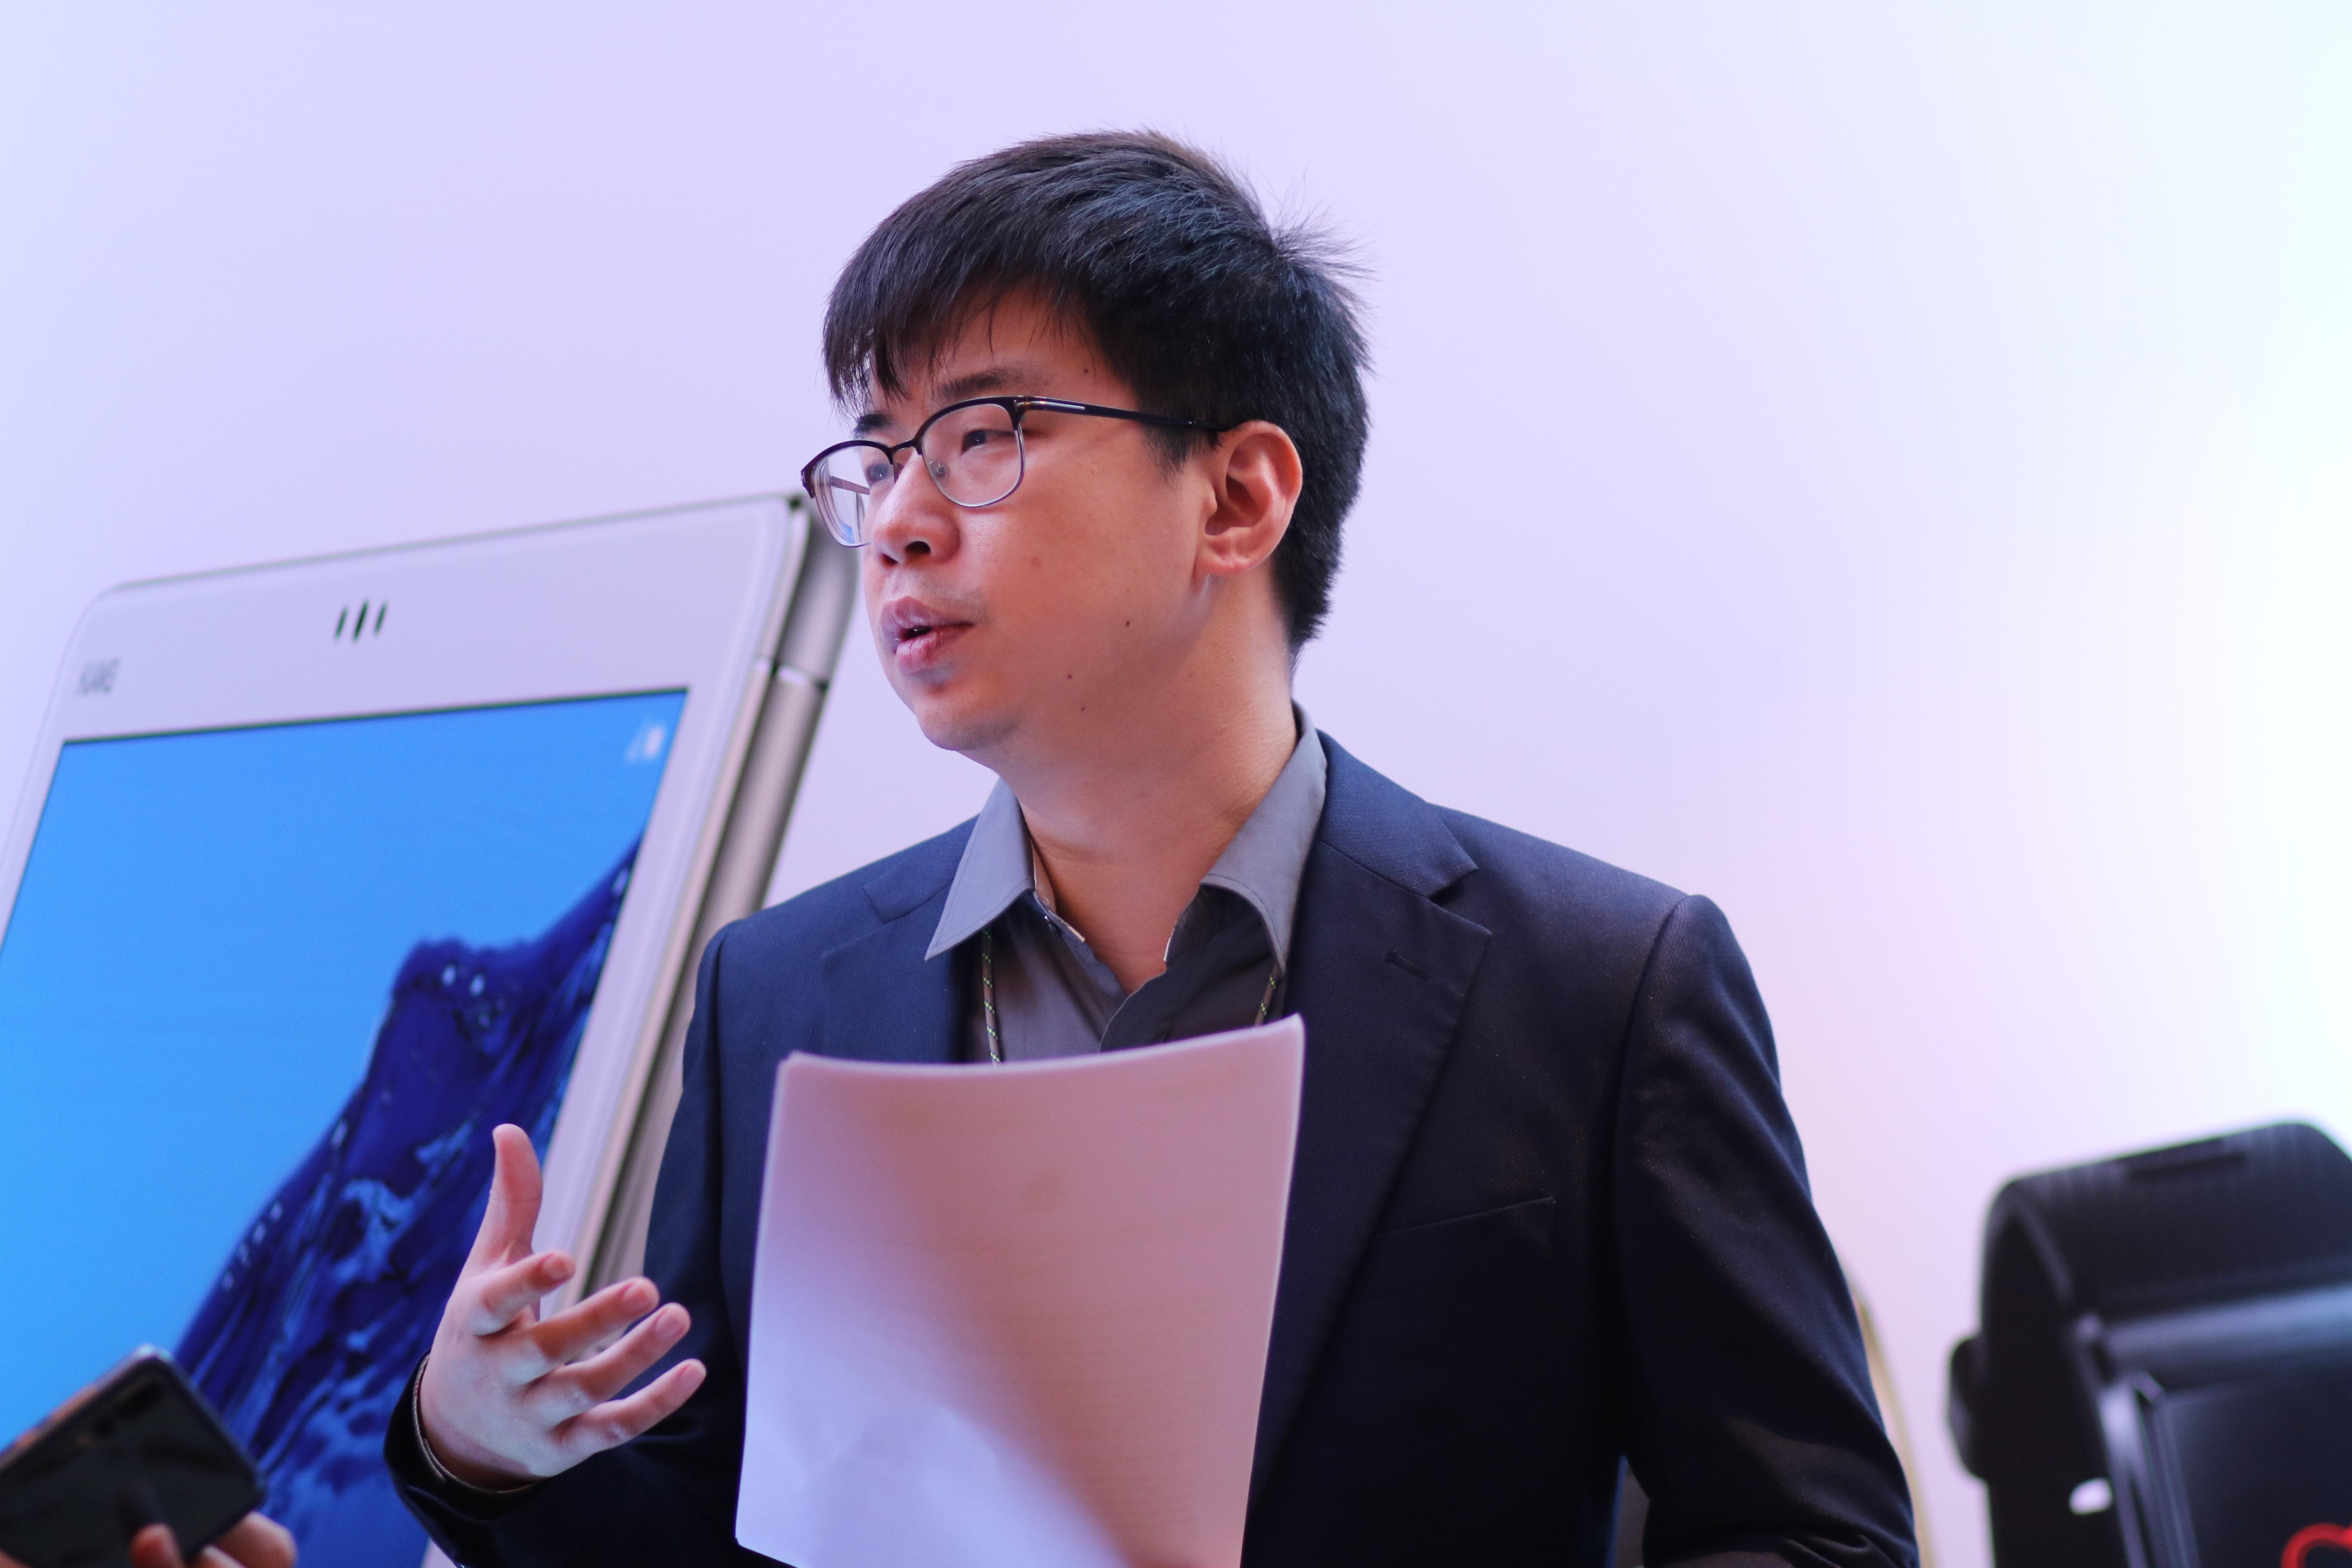 ساعات رياضية وكمبيوترات محمولة وألواح إلكترونية Huawei تقيم حفل إطلاق خاص لمنتجاتها الجديدة